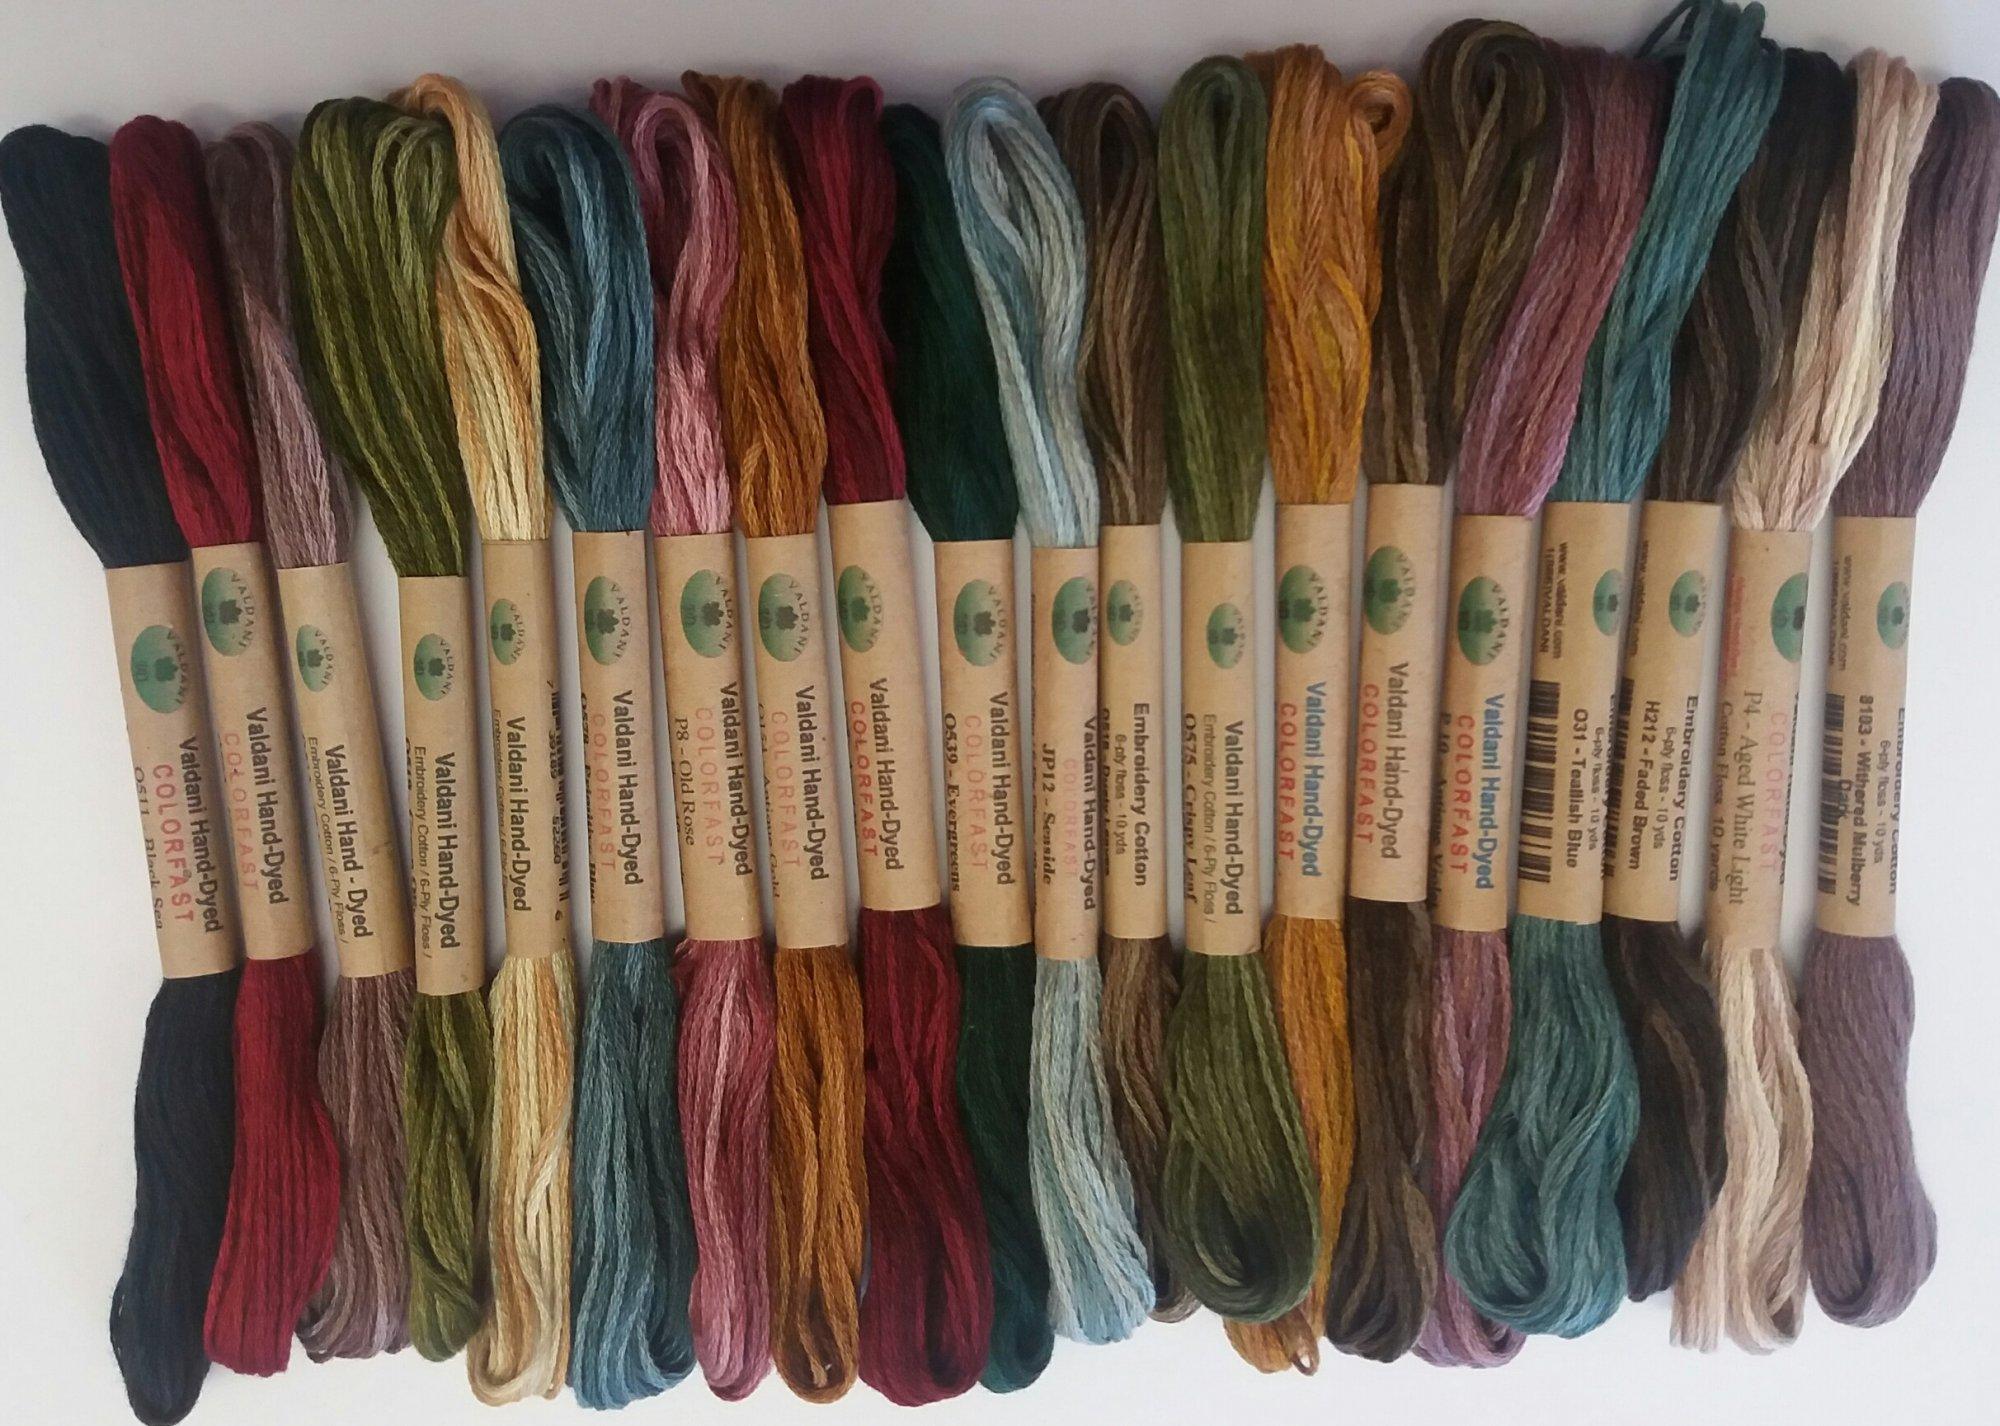 Valdani Embroidery Floss Pack